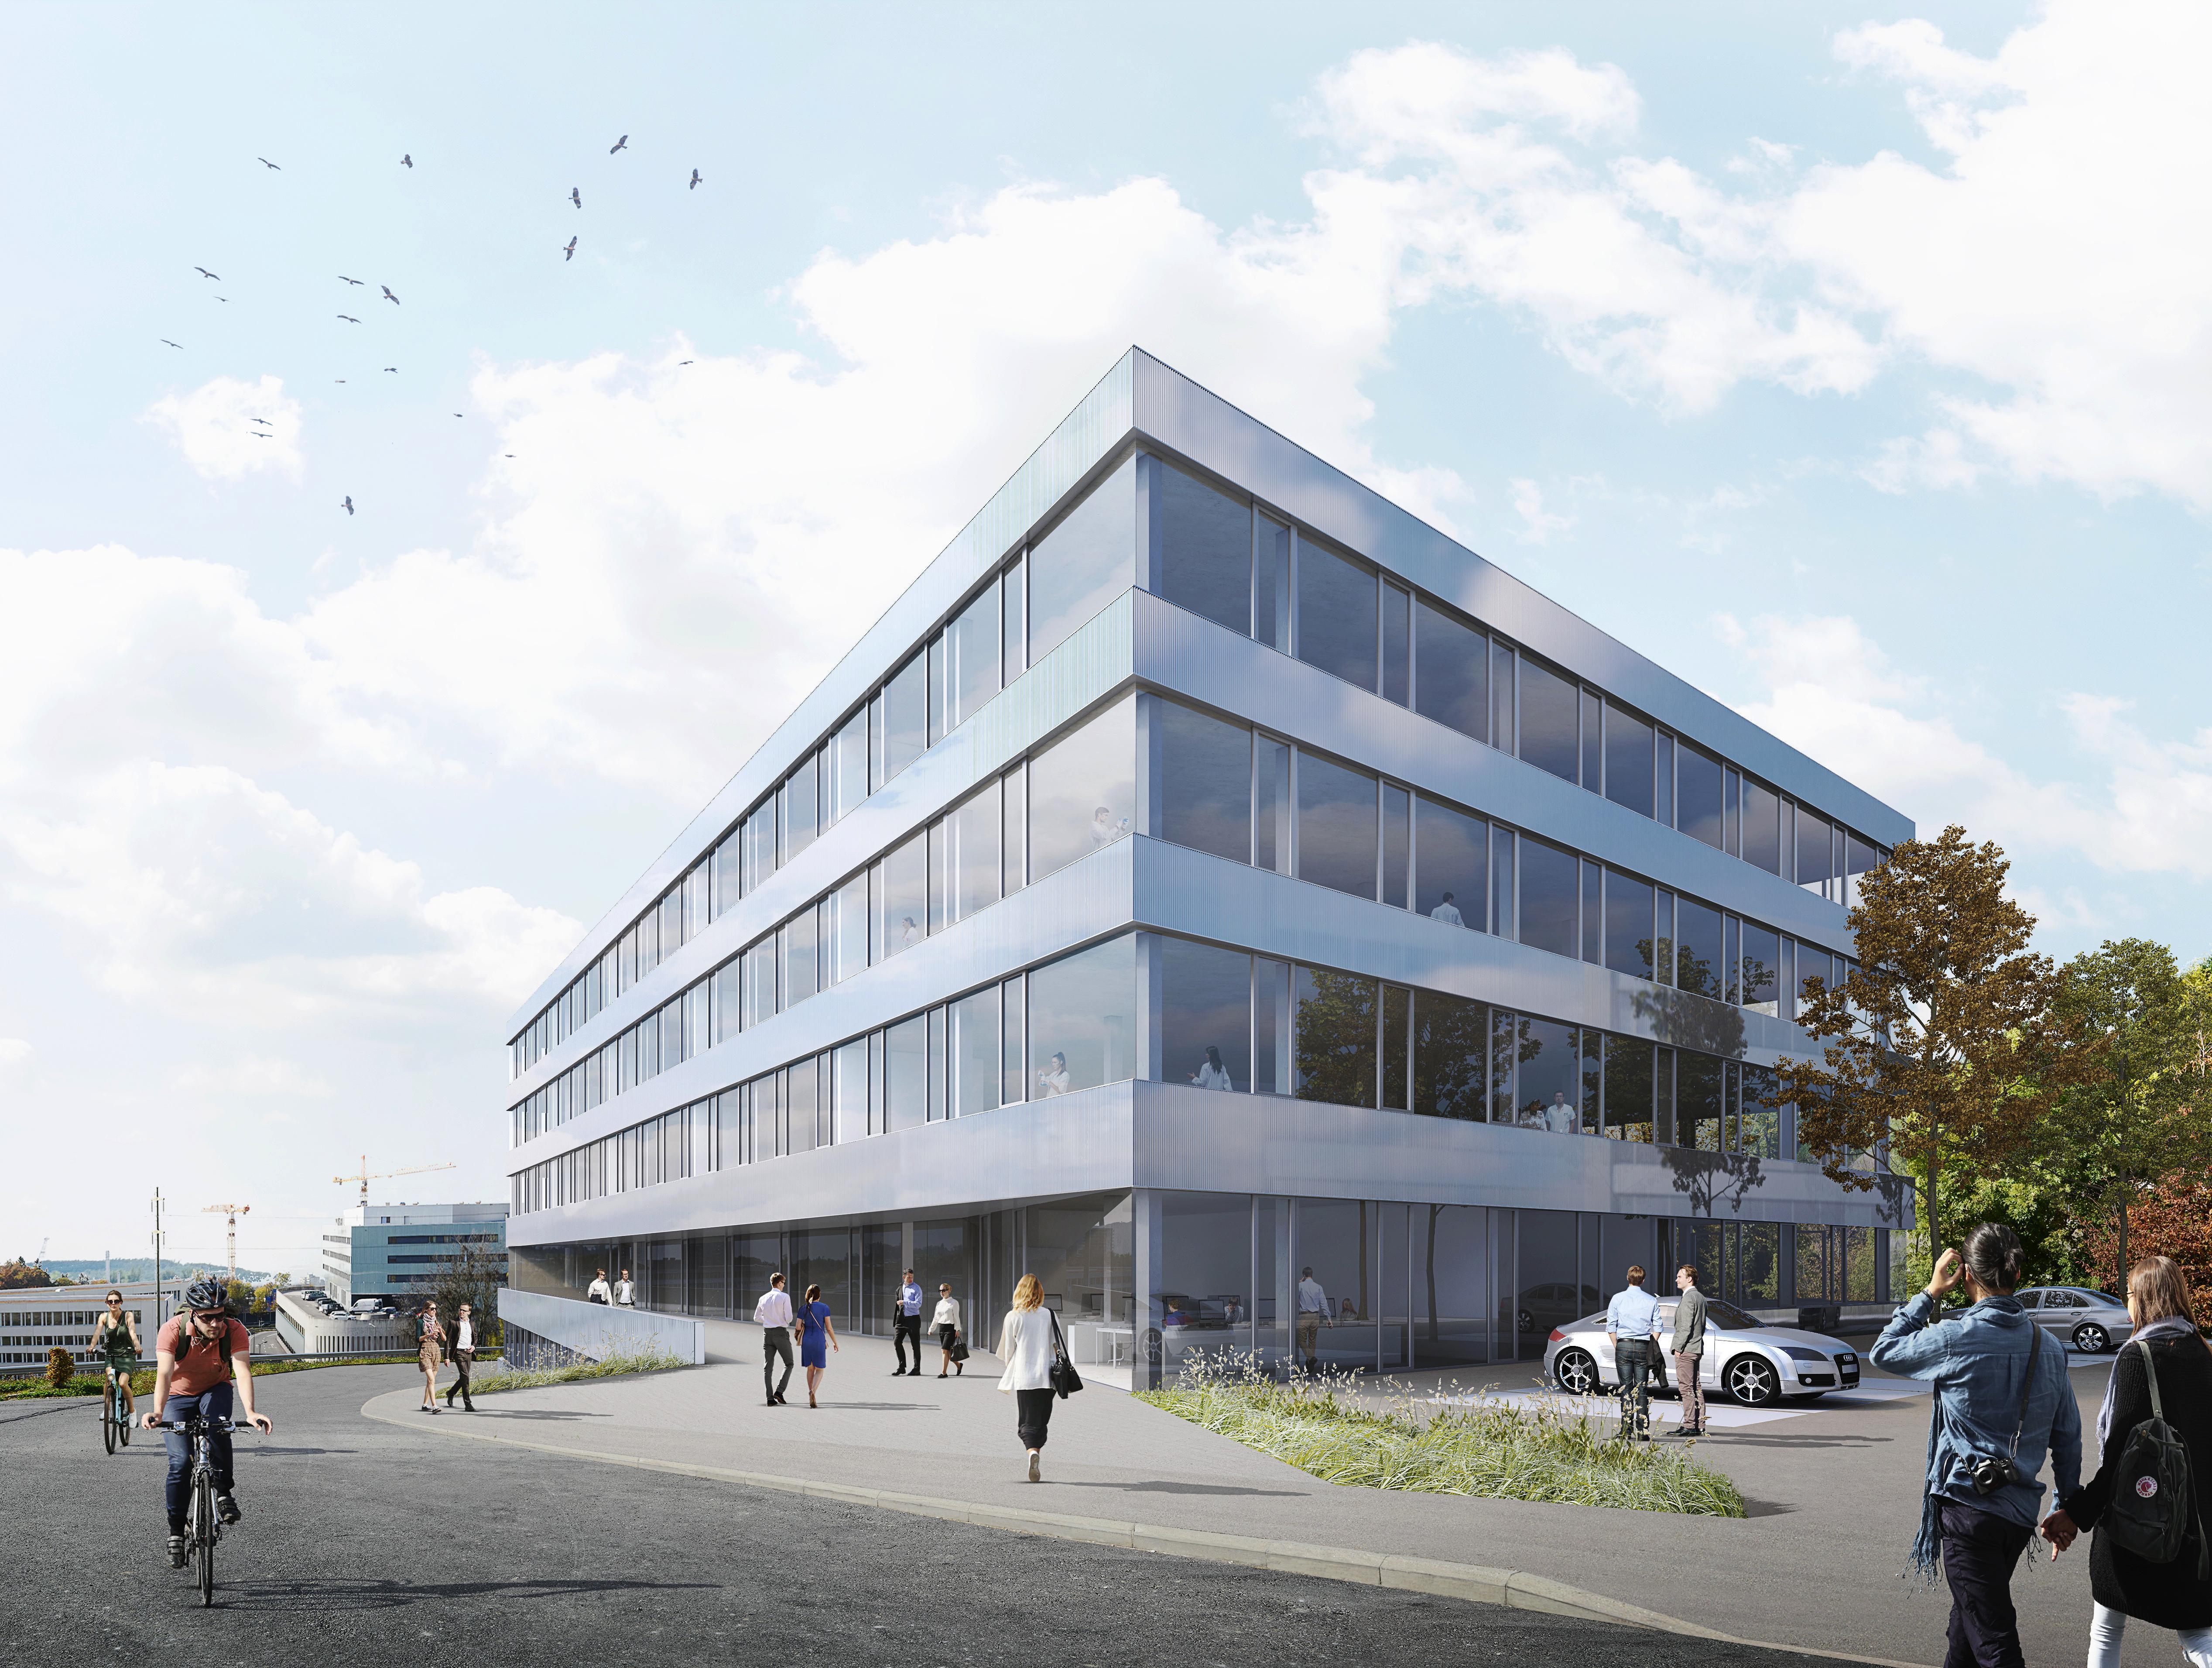 05.11.2018 Le campus des sciences de la vie Biopôle poursuit son expansion avec la construction d'un nouveau bâtiment